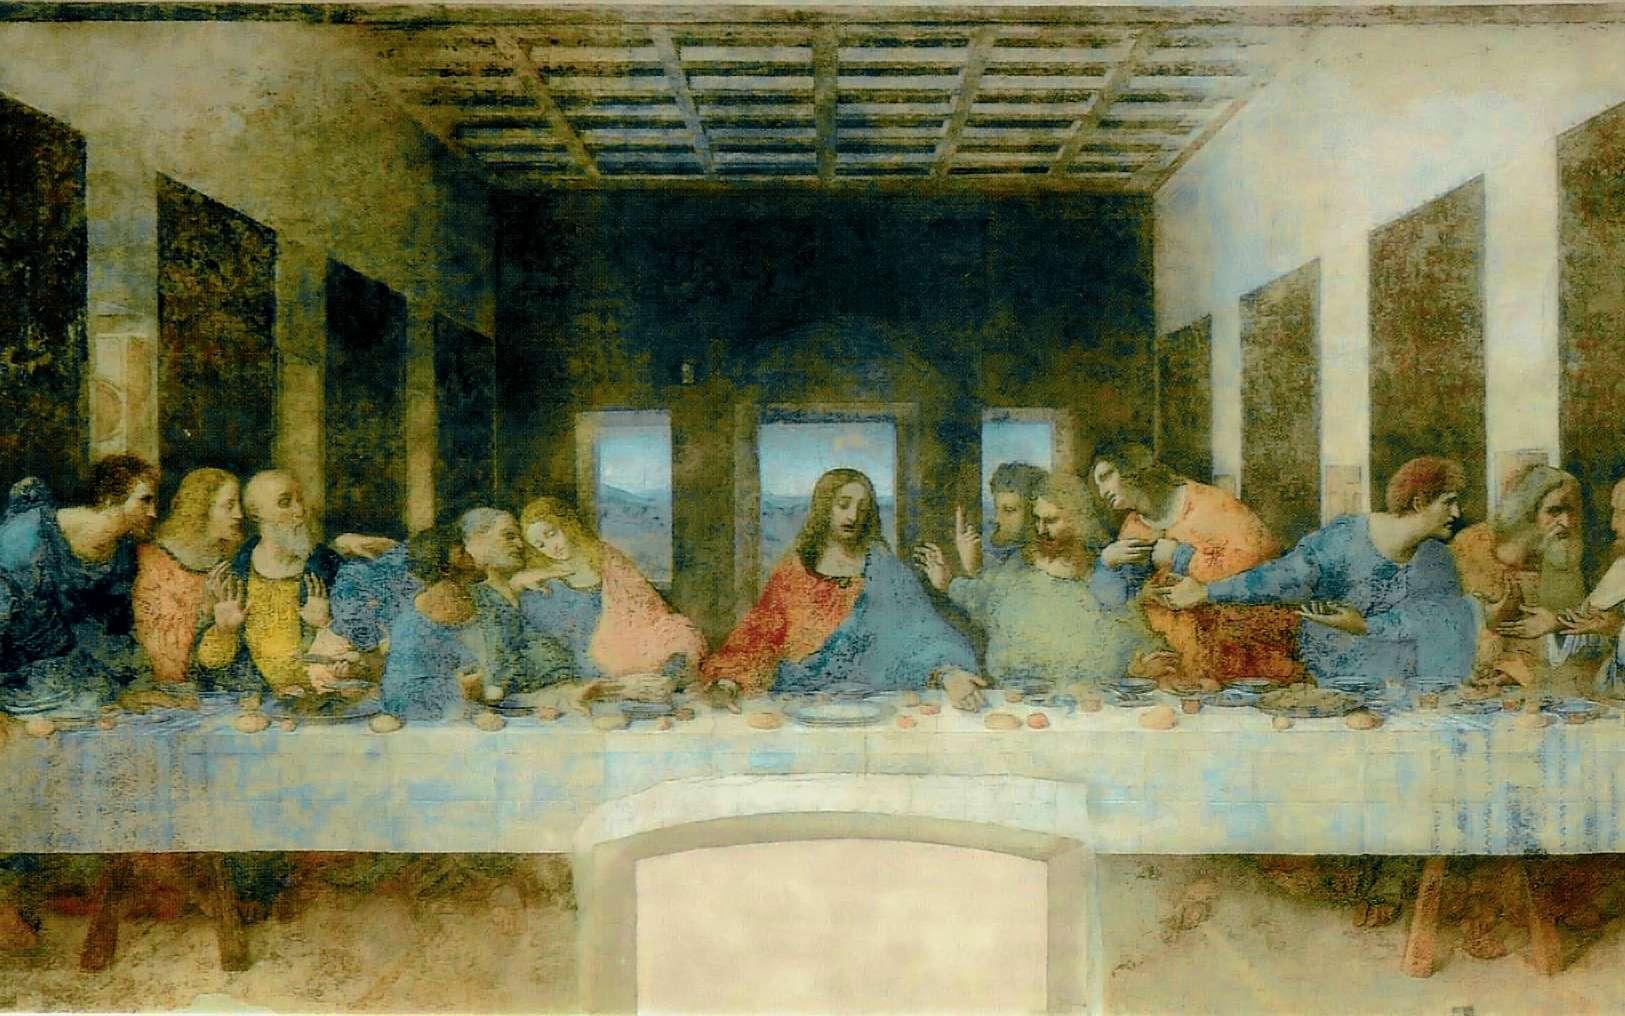 La Cène, célèbre fresque de de Léonard de Vinci (1495-1498). © Léonard de Vinci, Wikimedia Commons, Domaine public